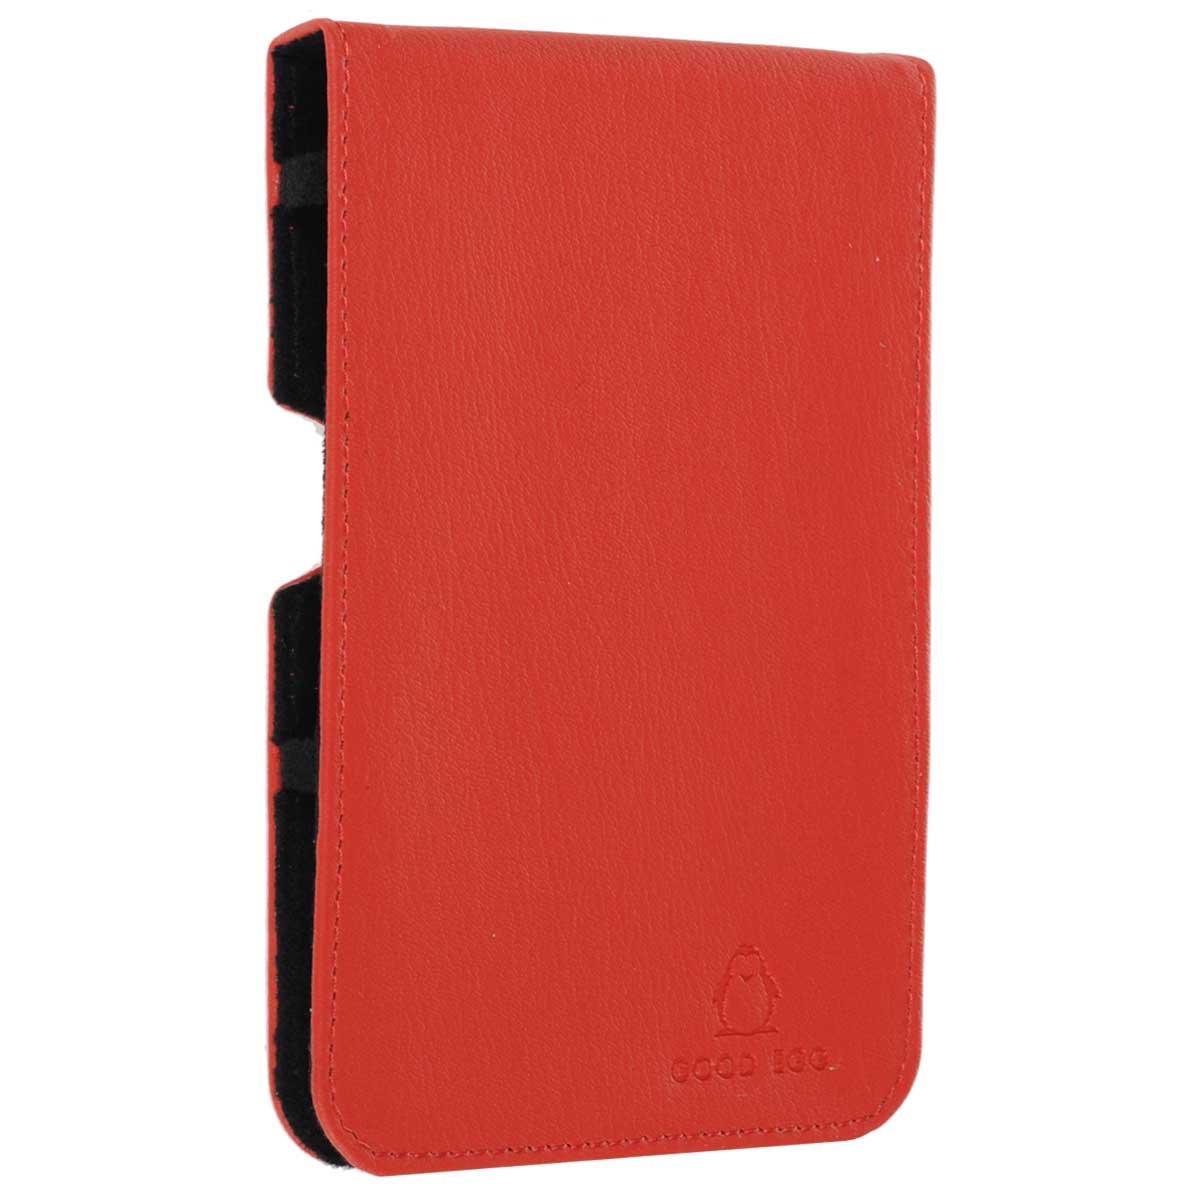 Good Egg Lira чехол для PocketBook 650, RedGE-PB650LIR2210Чехол GoodEgg Lira для электронной книги PocketBook 650 обеспечивает максимальную защиту экрана при транспортировке благодаря усиленной передней стороне. Он способен надежно защитить устройство от повреждений, повысить его сохранность во время путешествий и сделать более комфортным использование гаджета благодаря свободному доступу ко всем функциональным кнопкам.